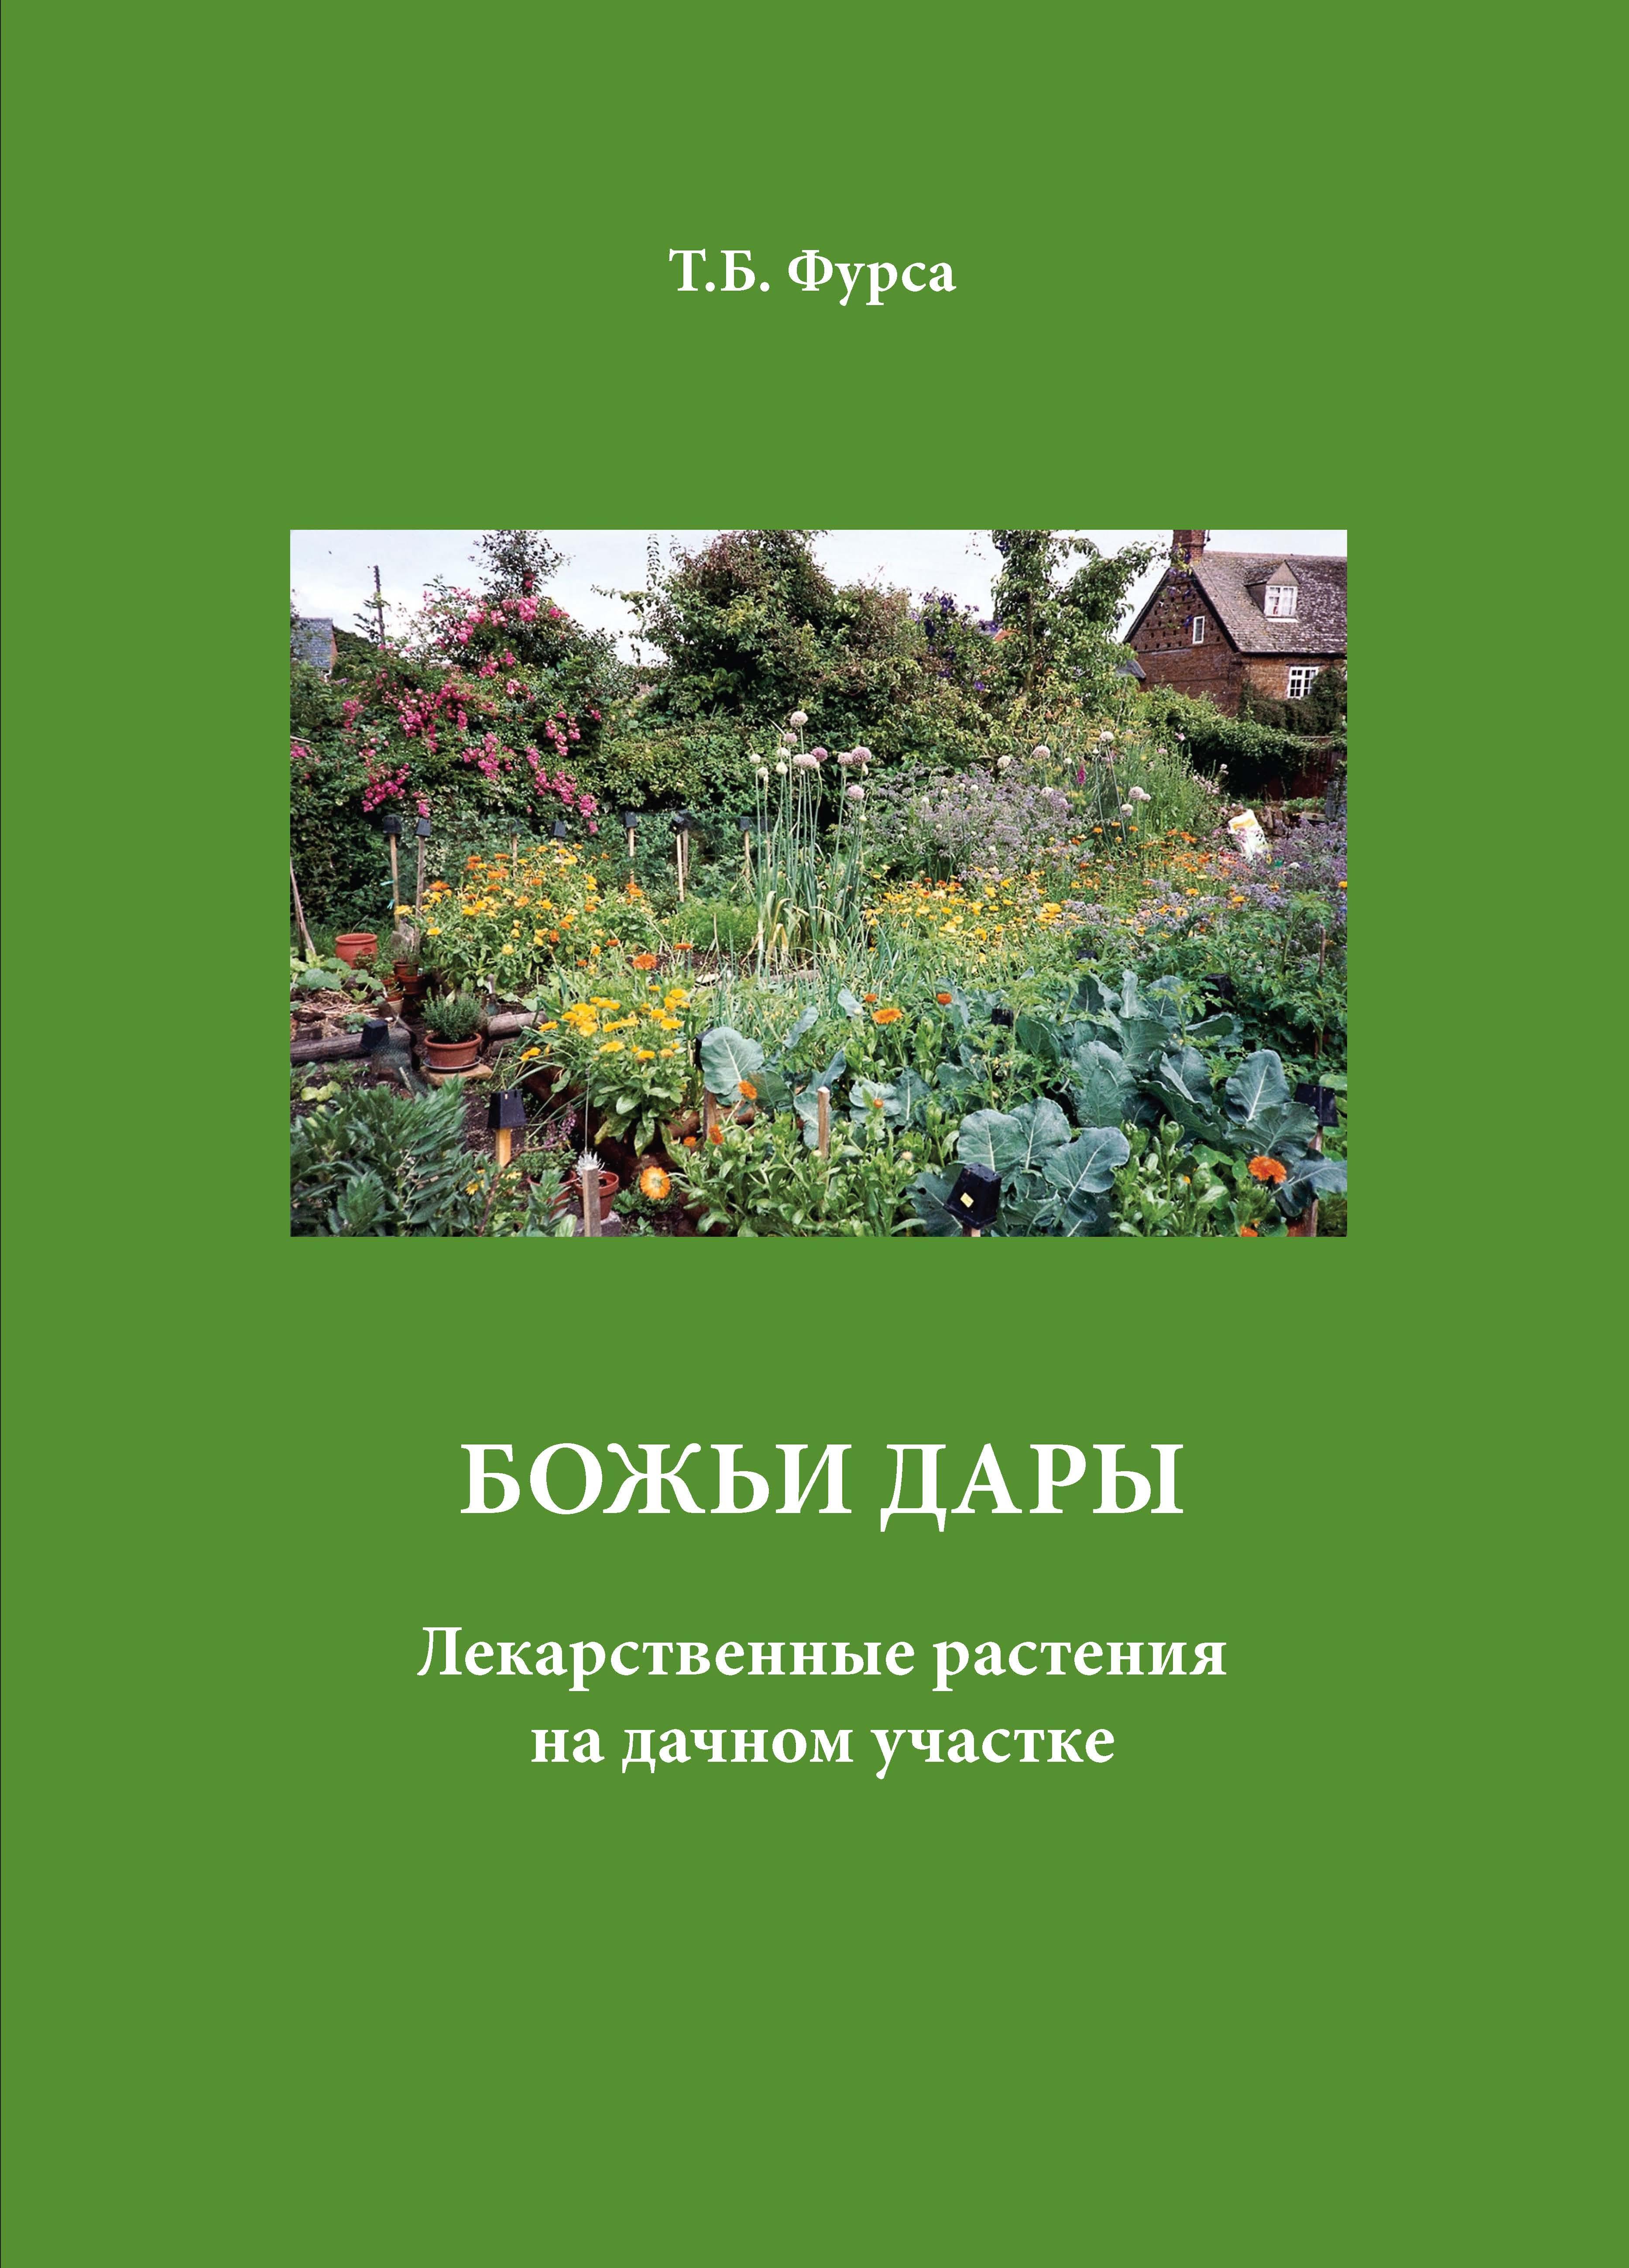 Татьяна Фурса «Божьи дары. Лекарственные растения на дачном участке»